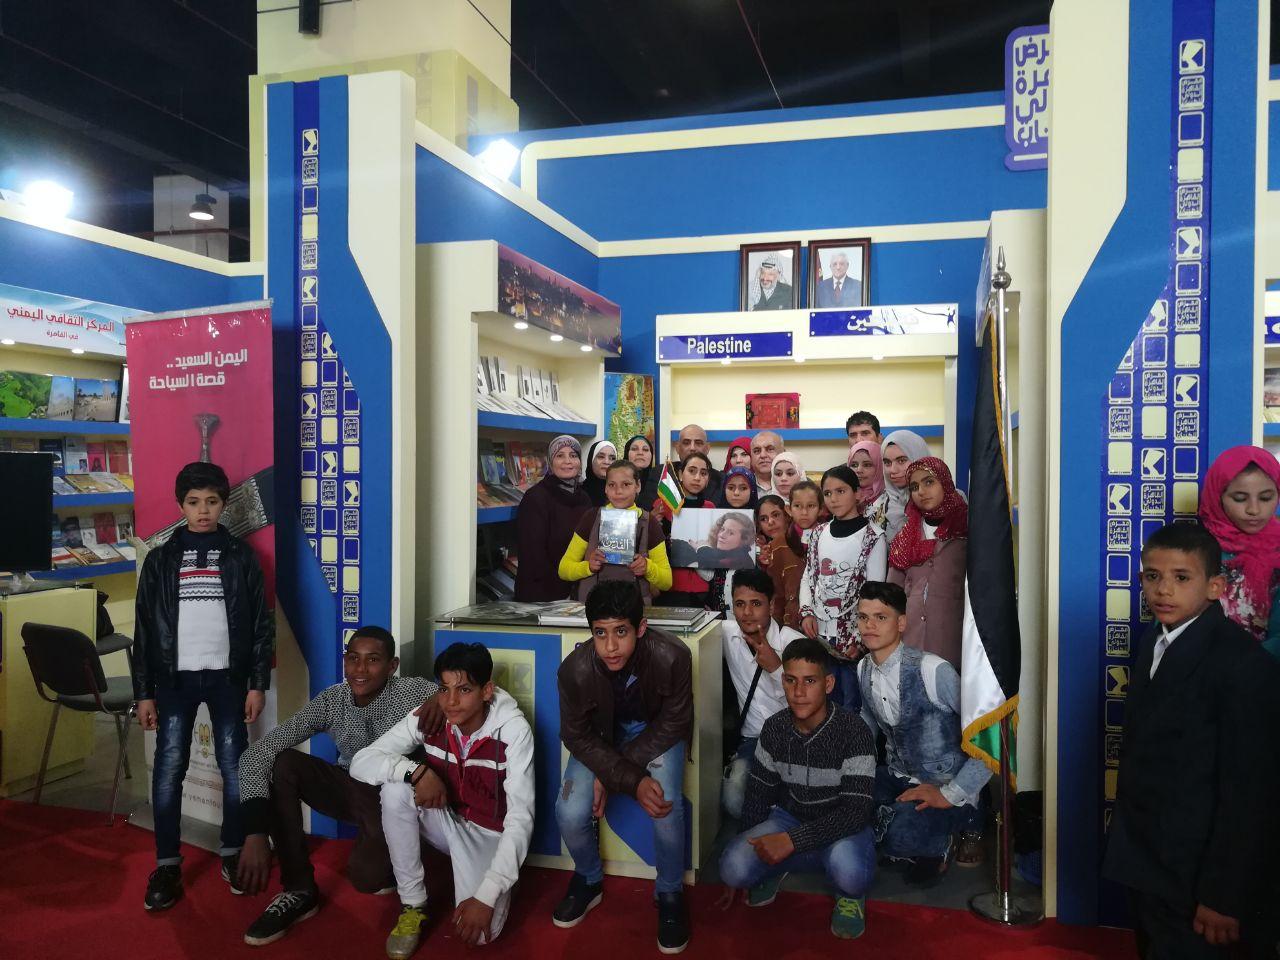 طلاب فلسطينين فى زيارة لمعرض الكتاب (1)